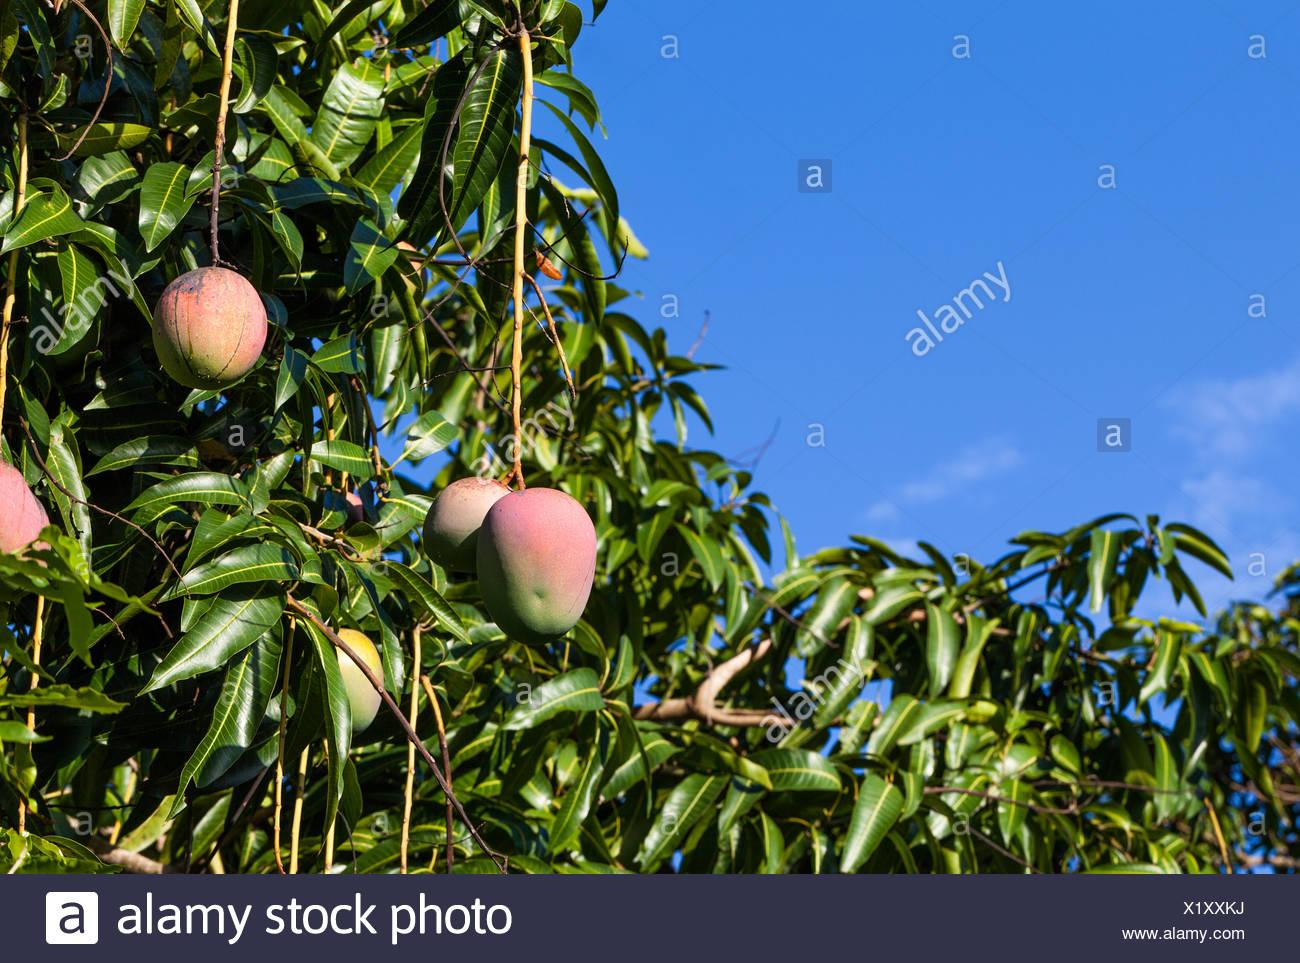 Cuba Mango tree with fruits Stock Photo